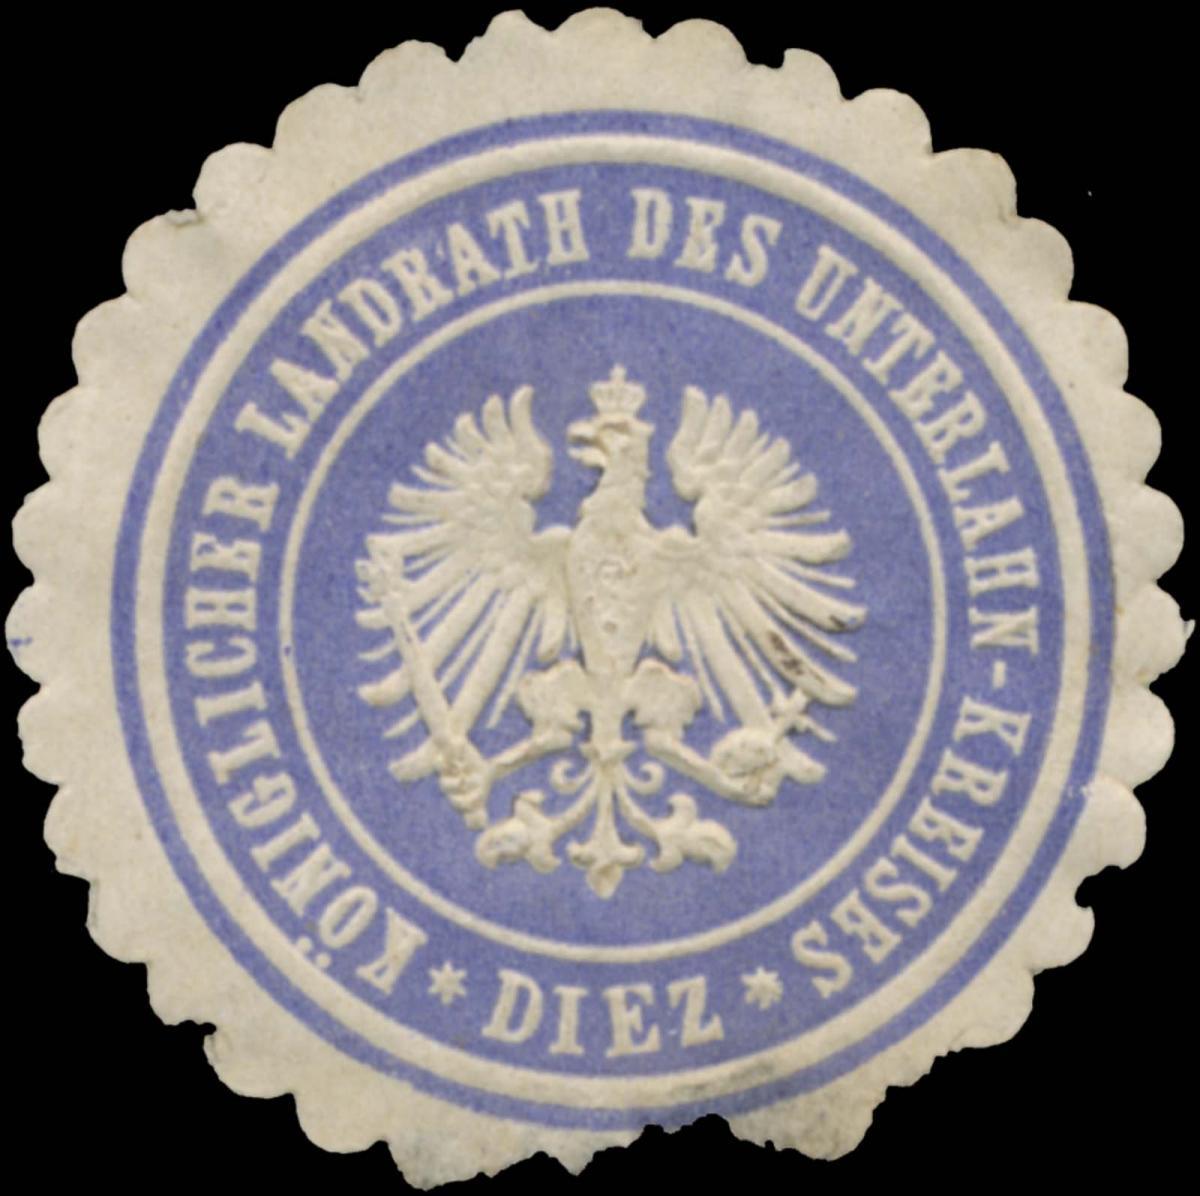 K. Landrath des Unterlahn-Kreises Diez 0